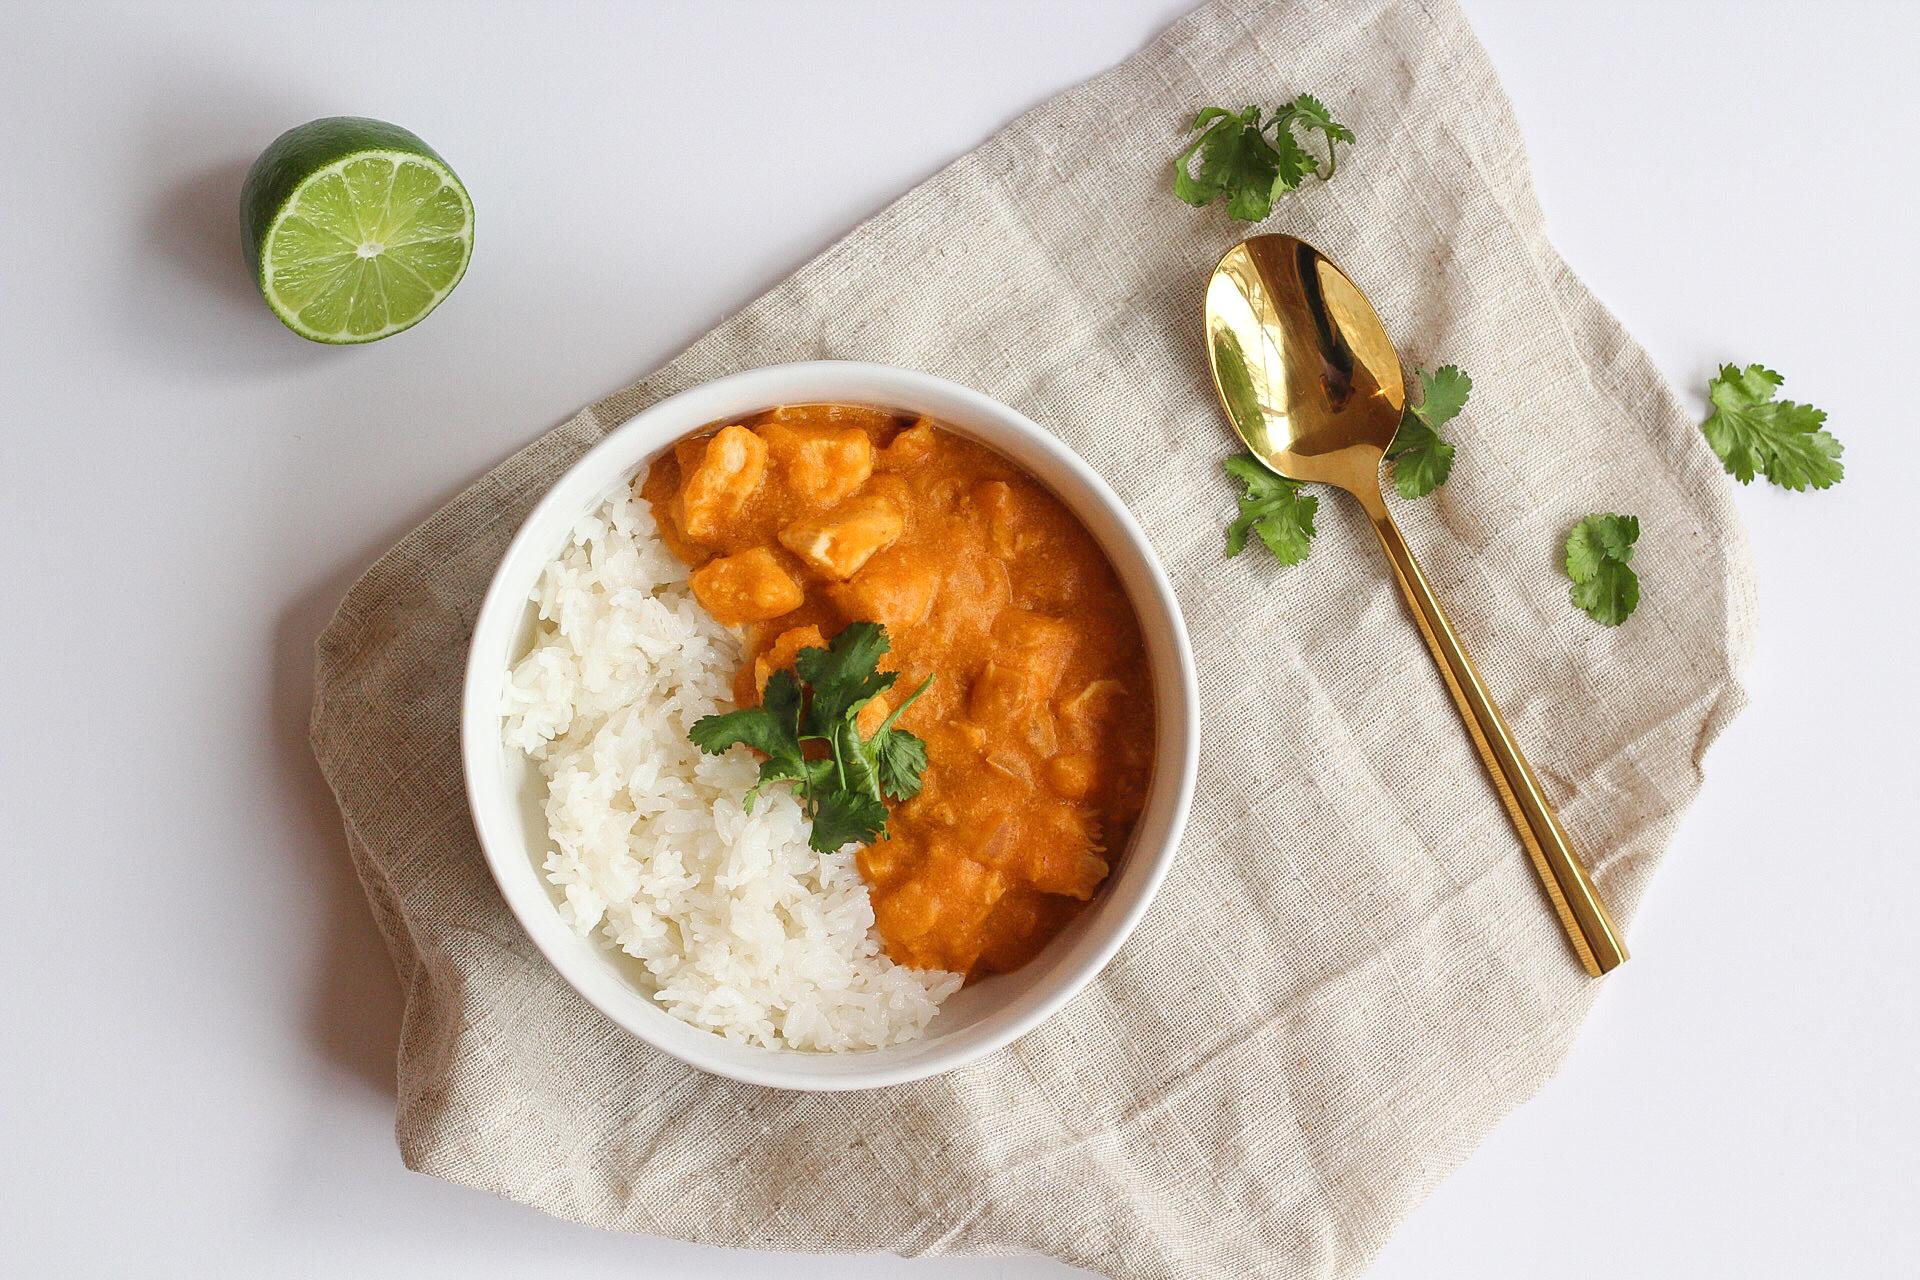 Crockpot Thai Chicken Curry